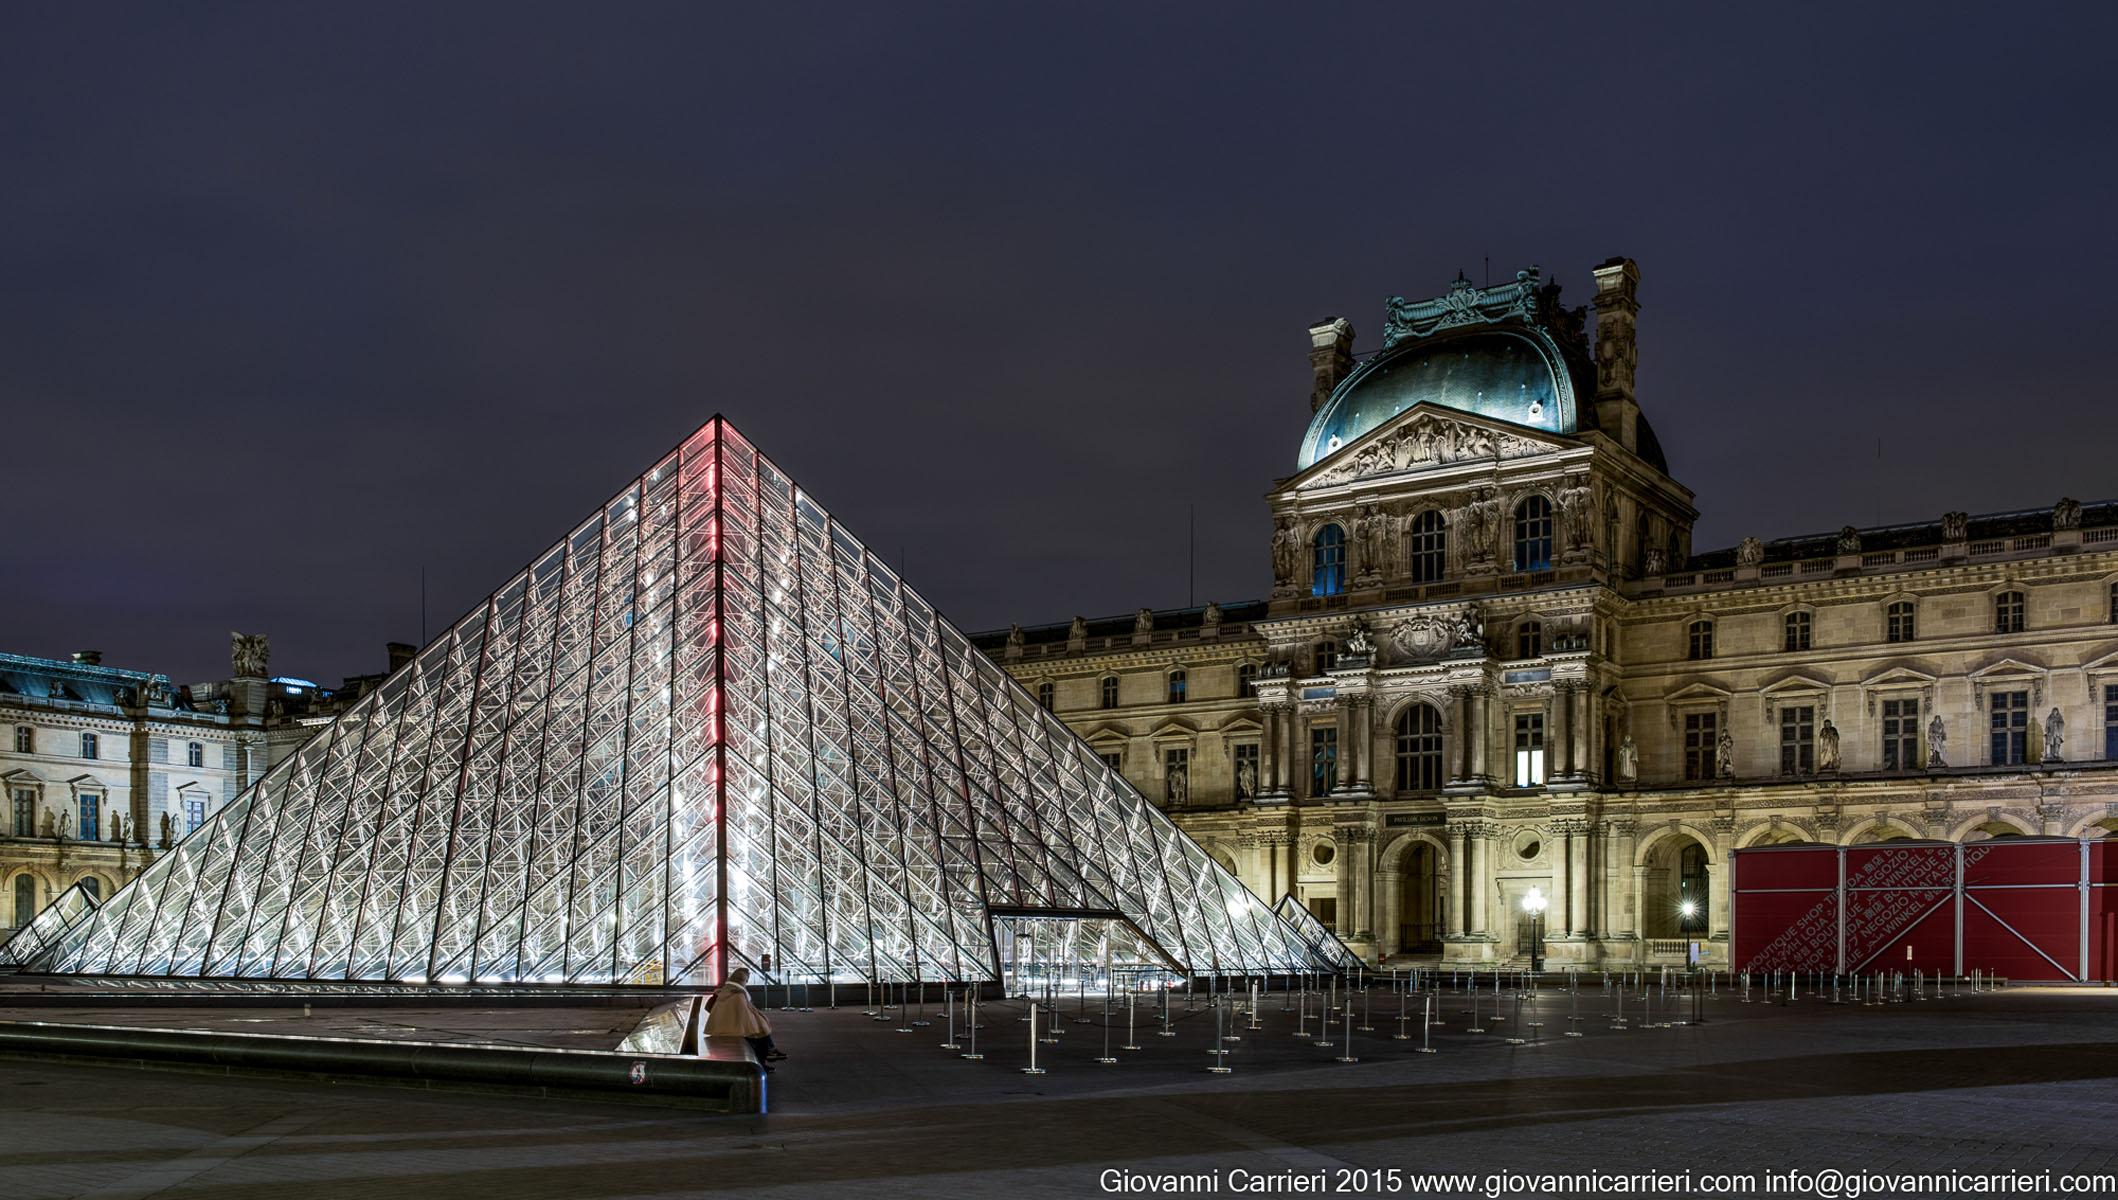 La notte sul Louvre